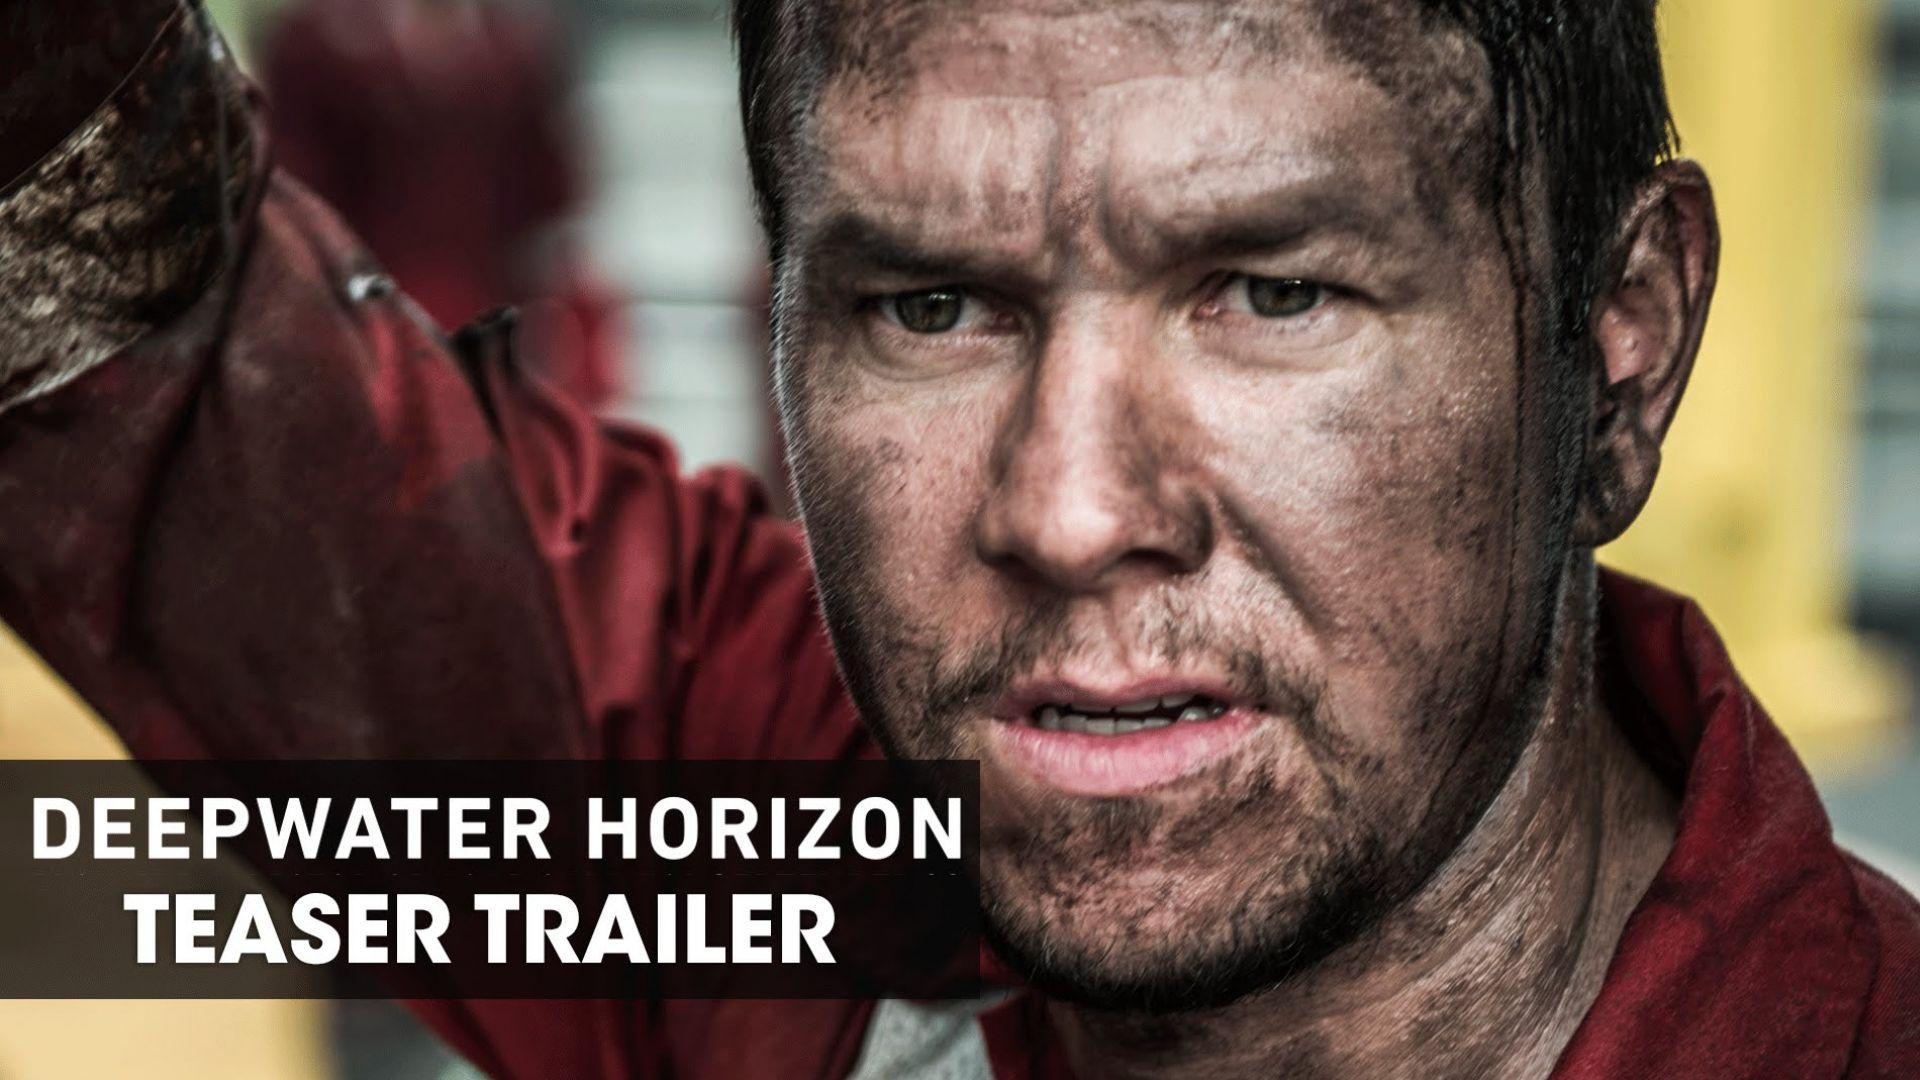 Deepwater Horizon – Teaser Trailer